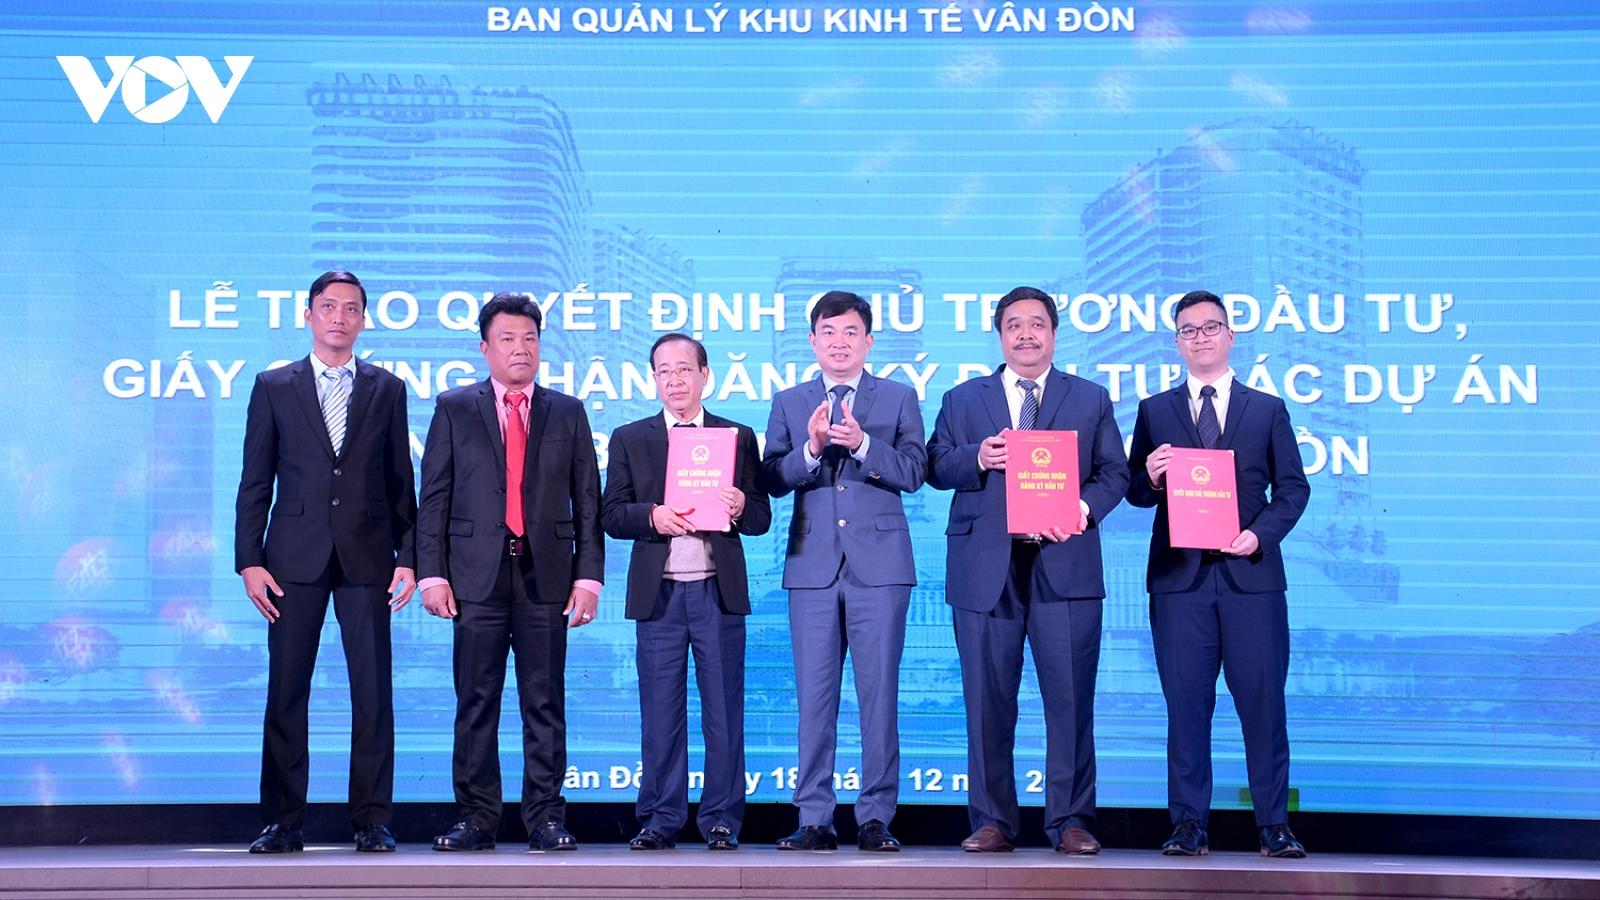 Công bố các quy hoạch phân khu thuộc Khu kinh tế Vân Đồn